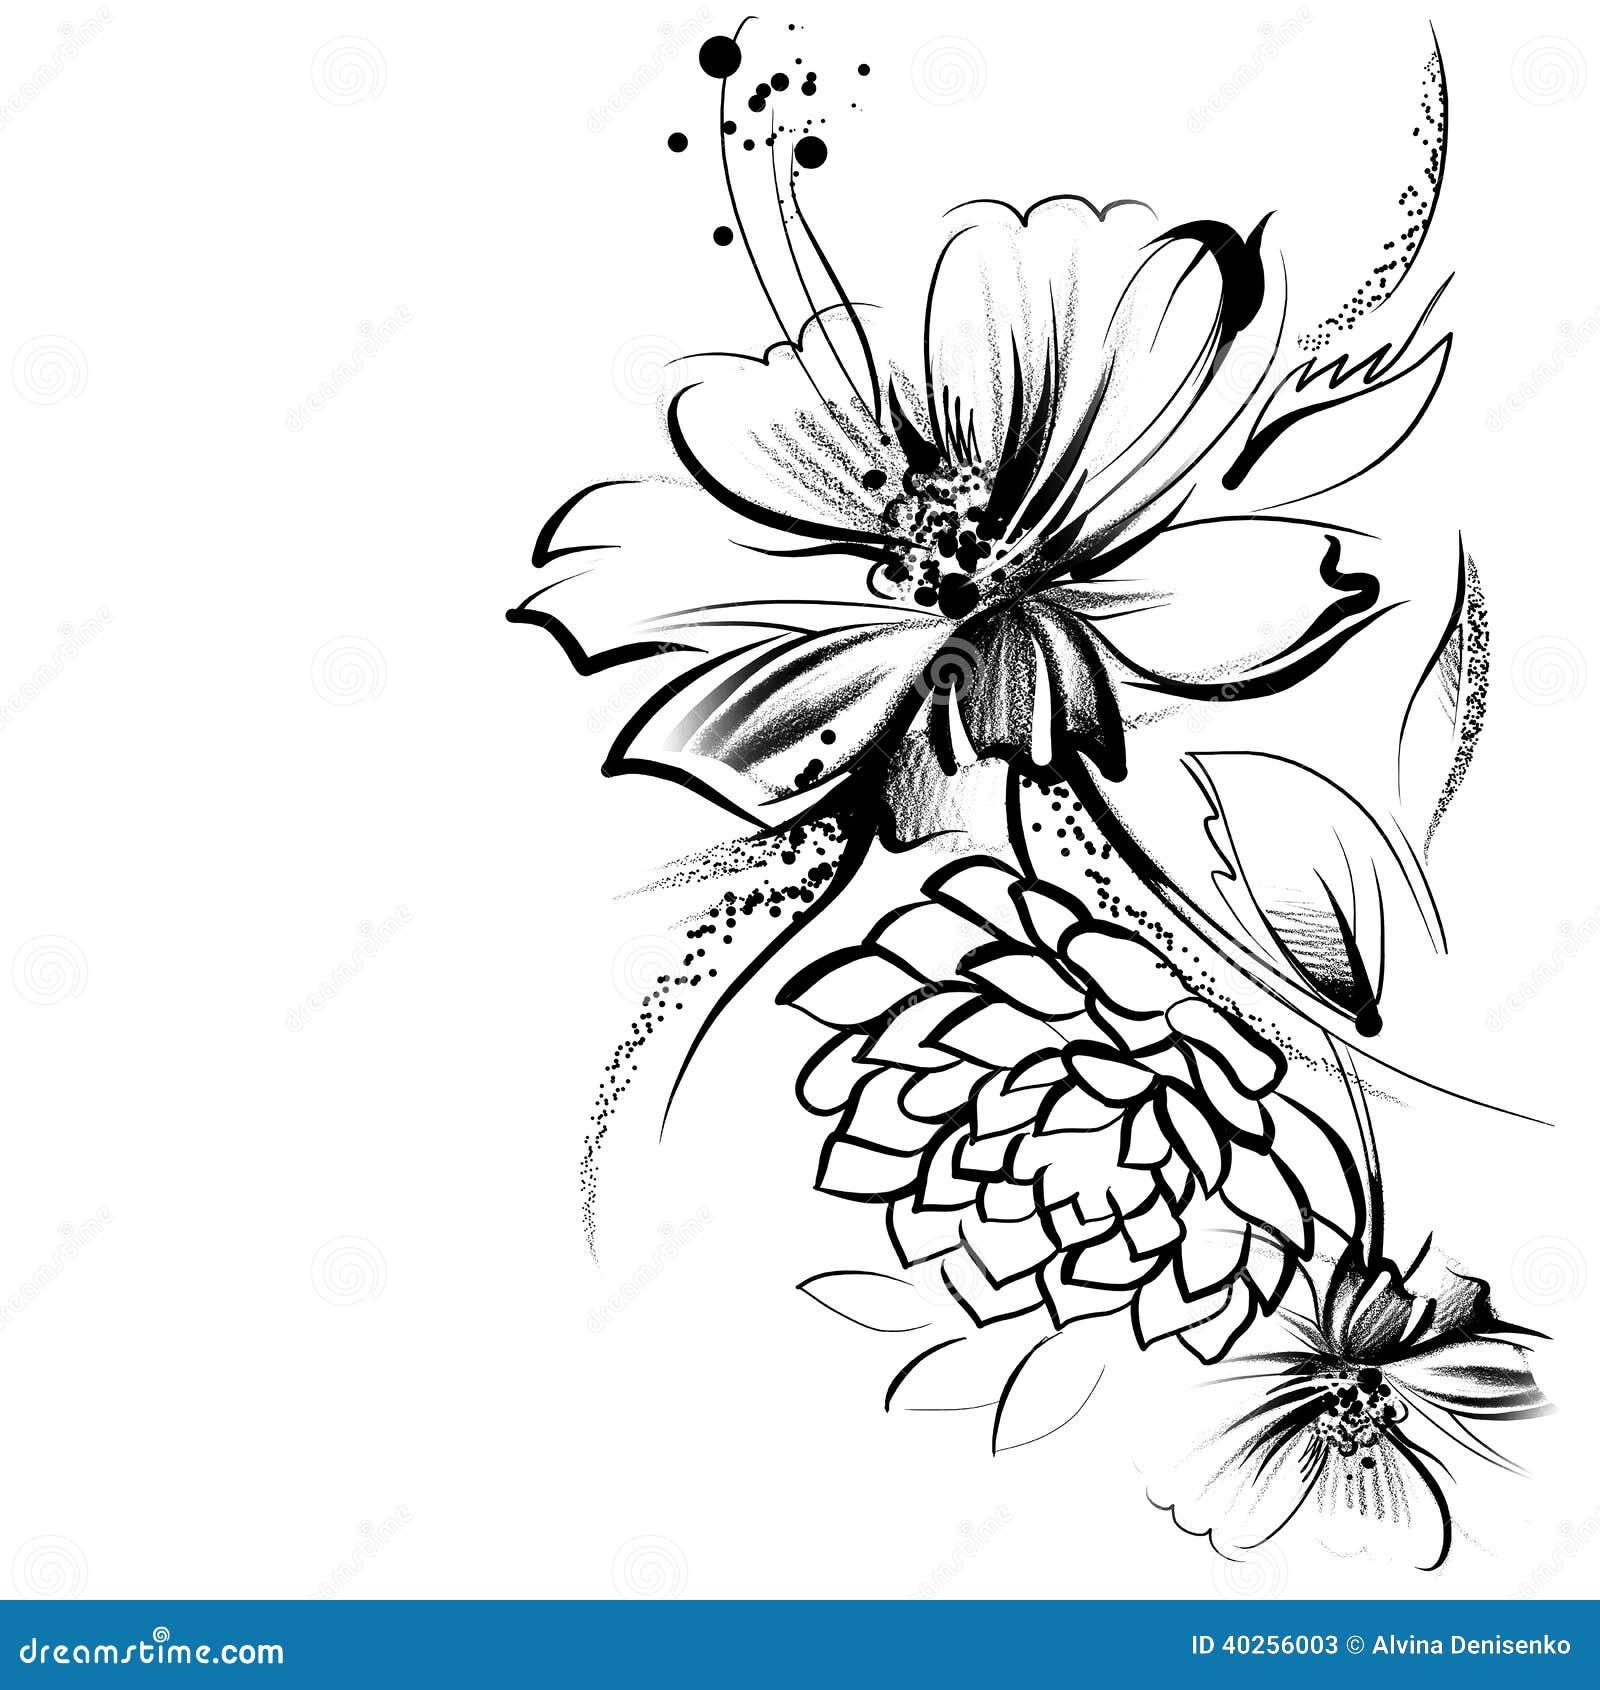 Fleurs, dessinées en encre sur un livre blanc